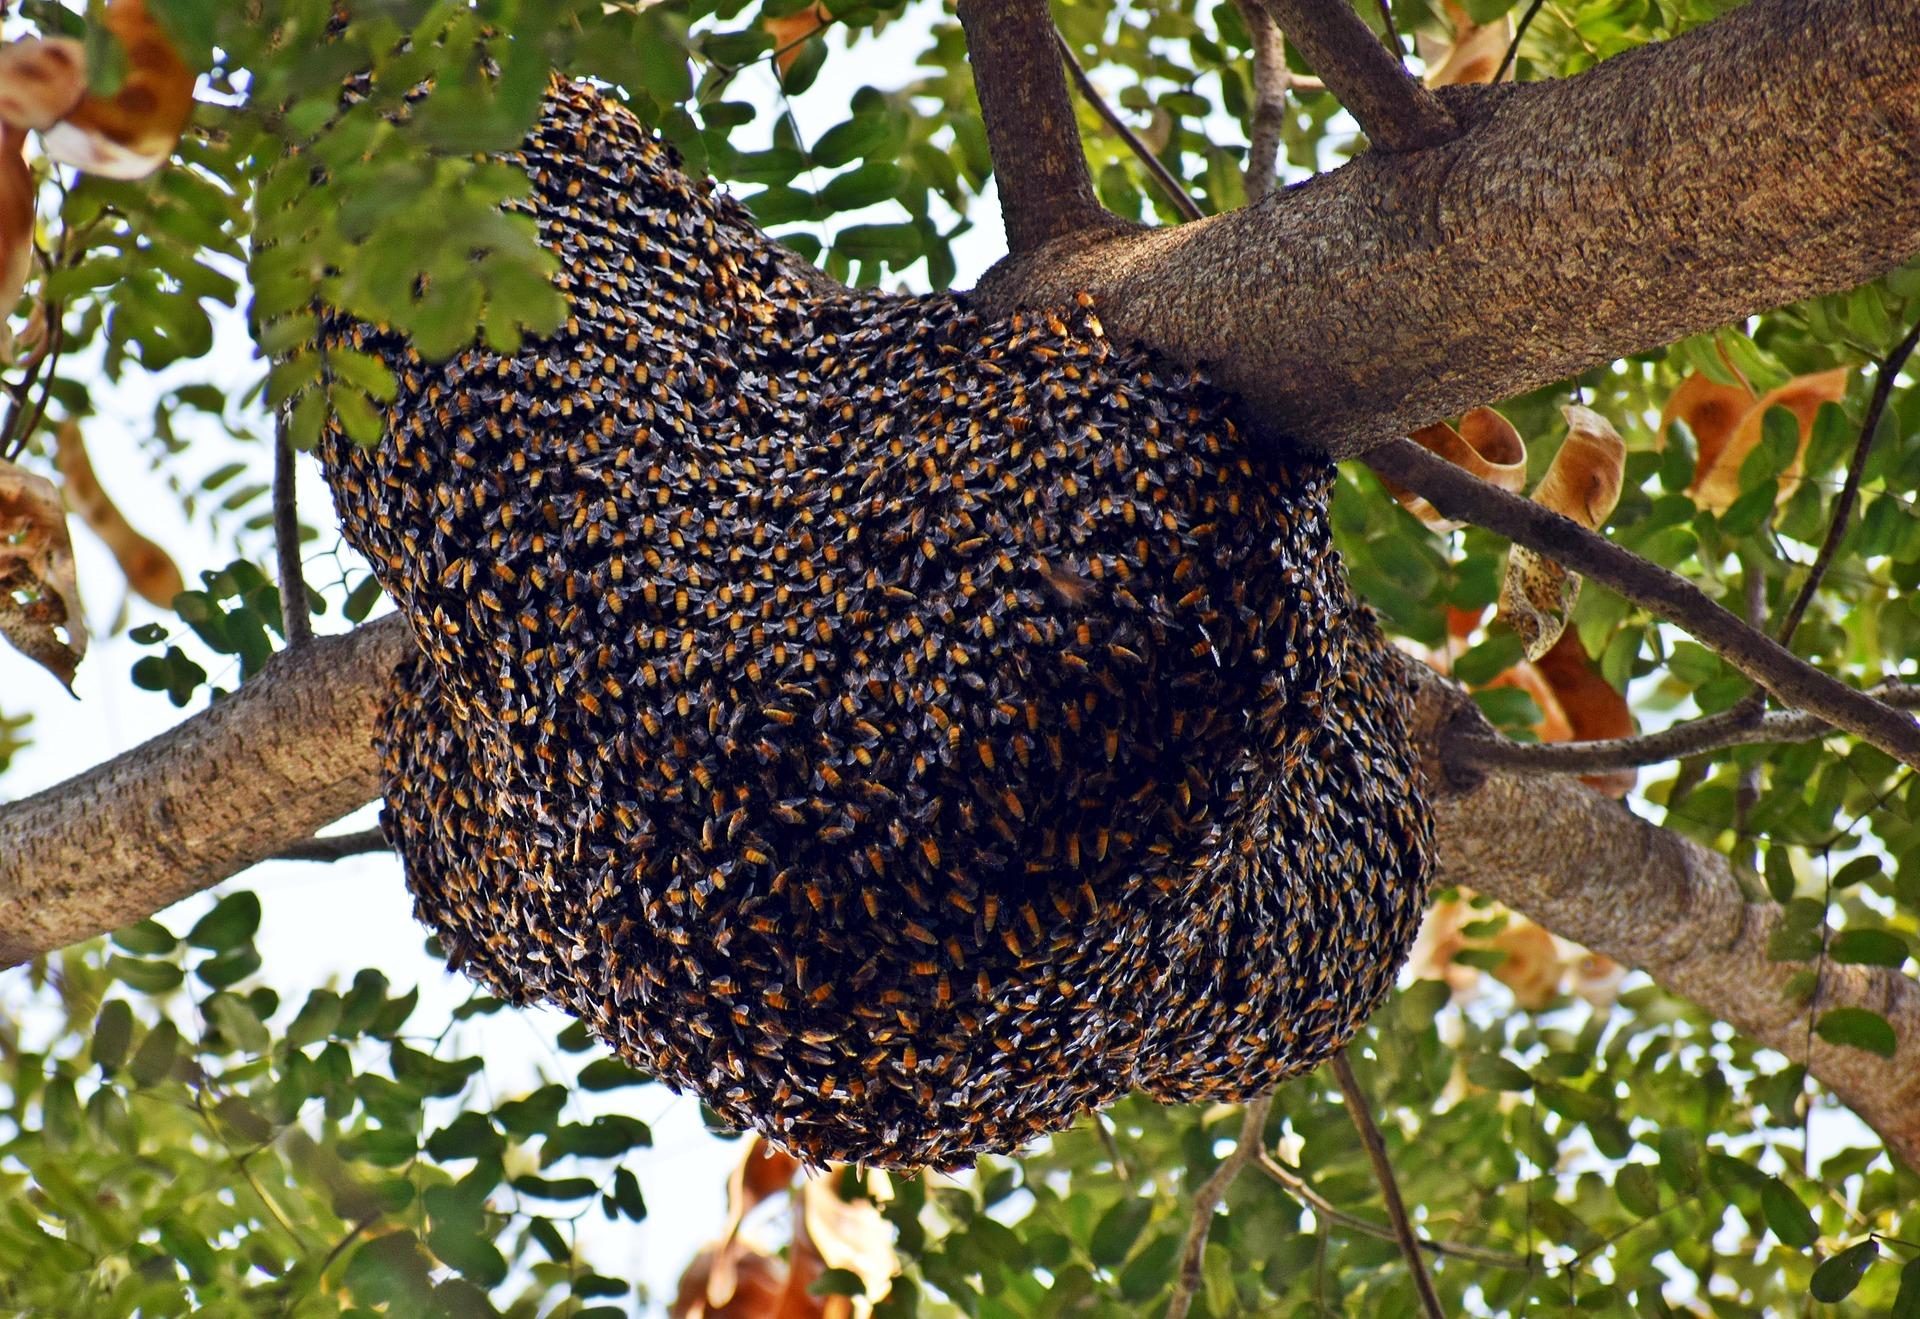 beehive-3960986_1920.jpg